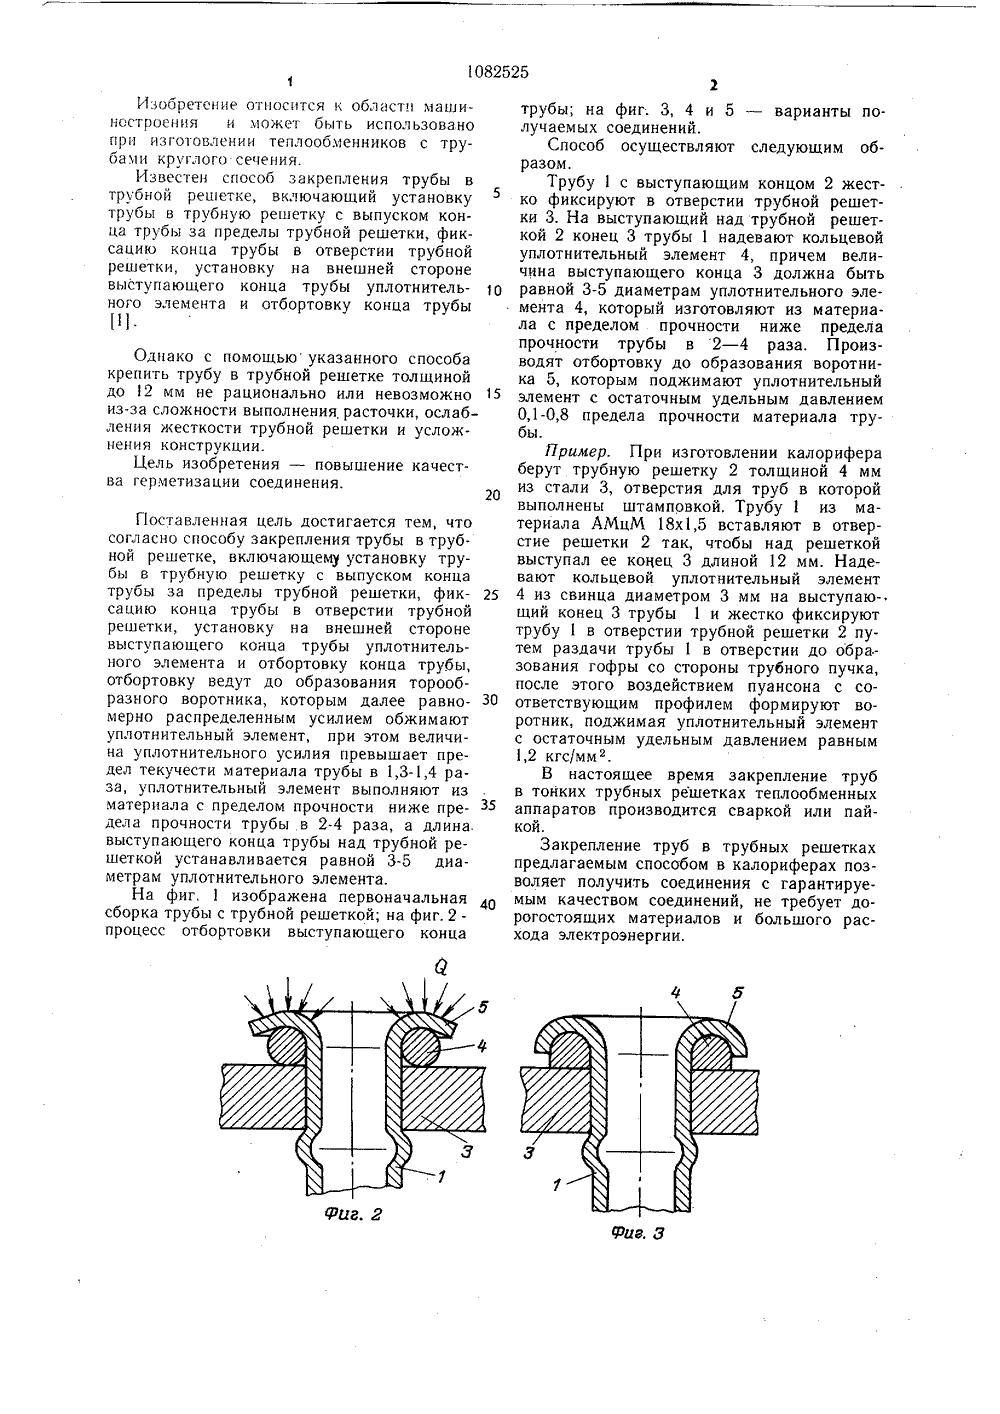 Трубная решётка теплообменника материа котёл атон чугунный теплообменник грн